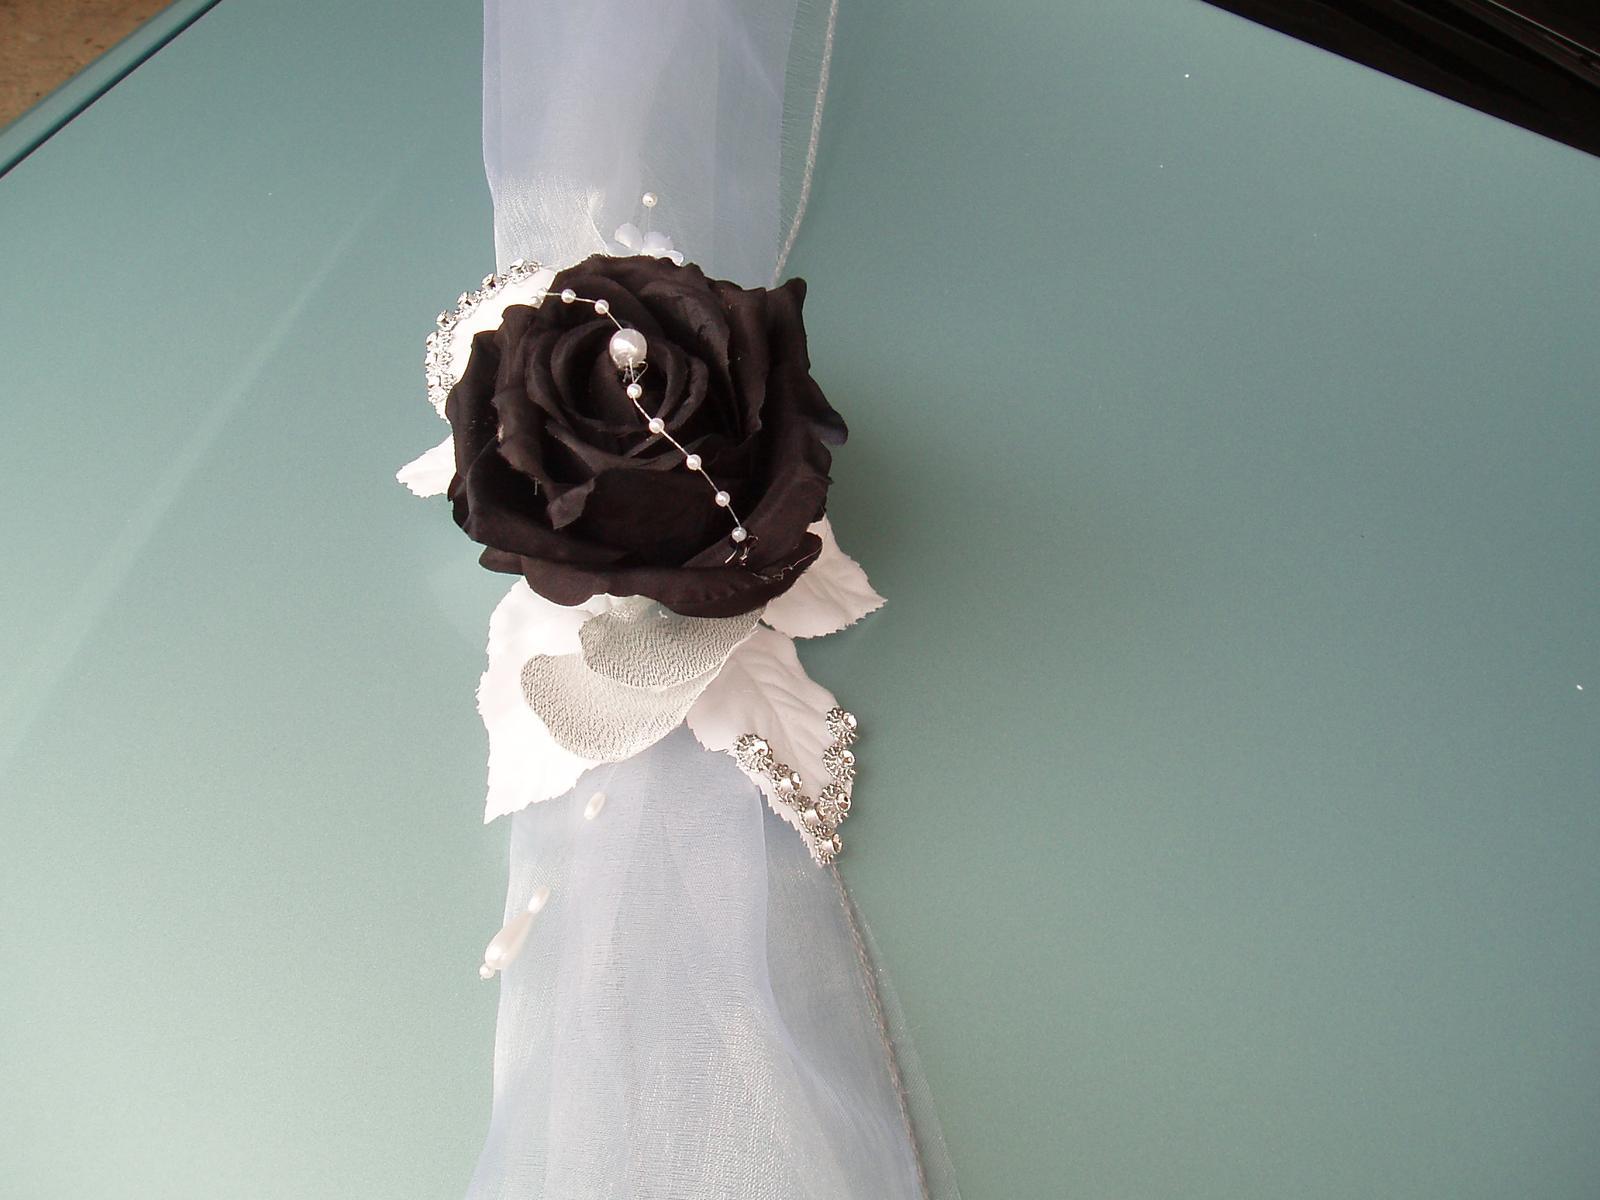 dvojšerpa bílo-černá - Obrázek č. 3